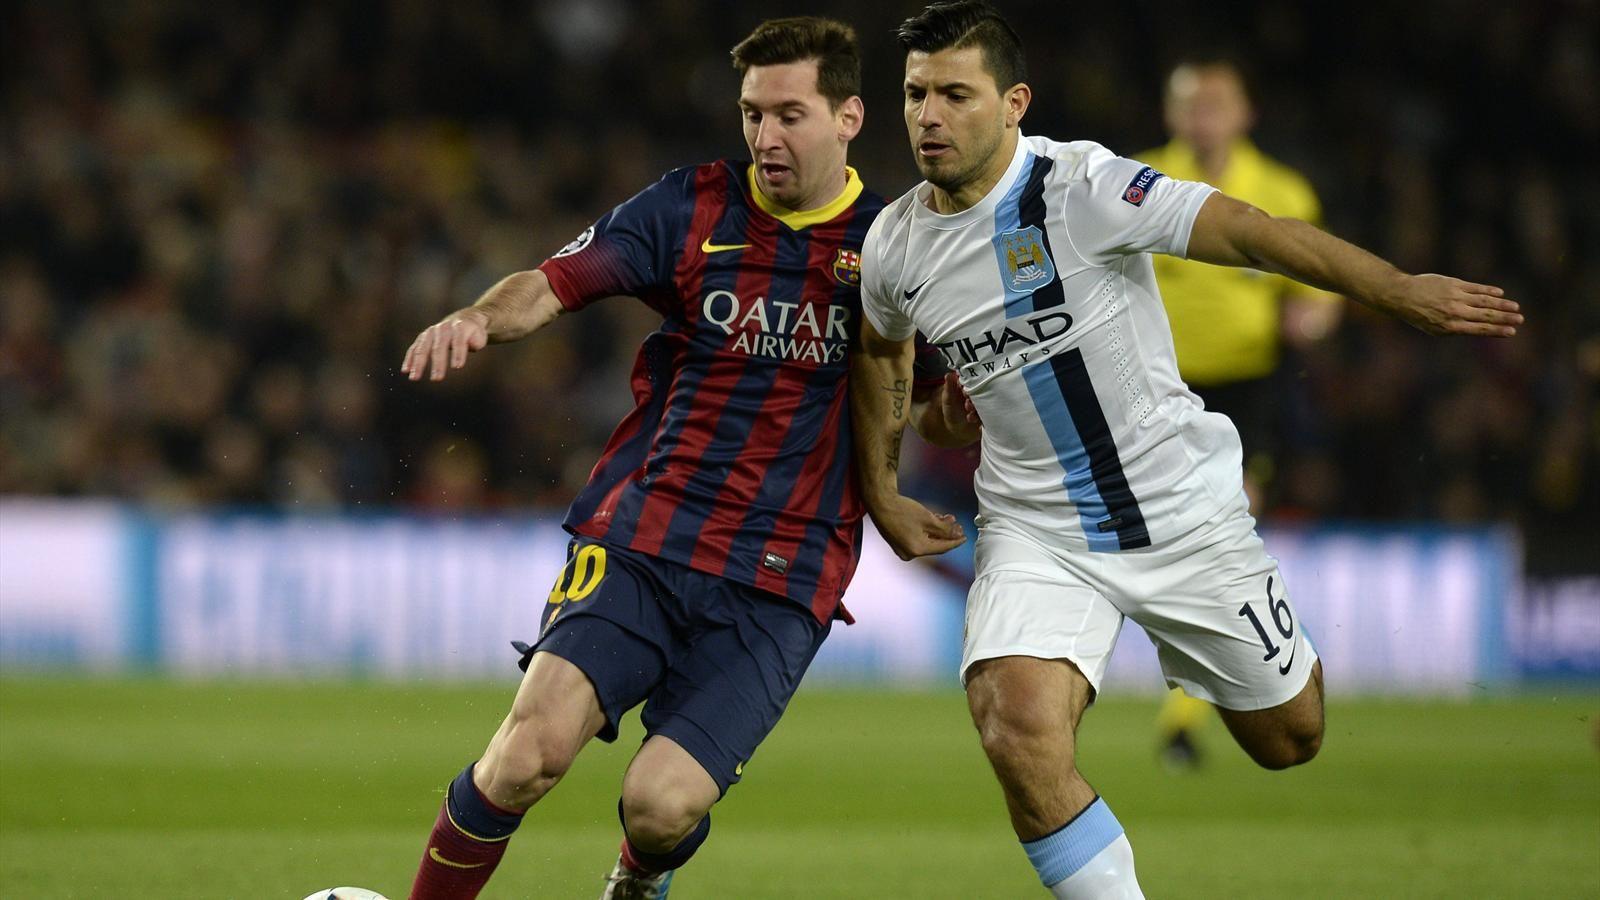 Se sorteó la Champions y Barcelona comparte grupo con el City de Guardiola